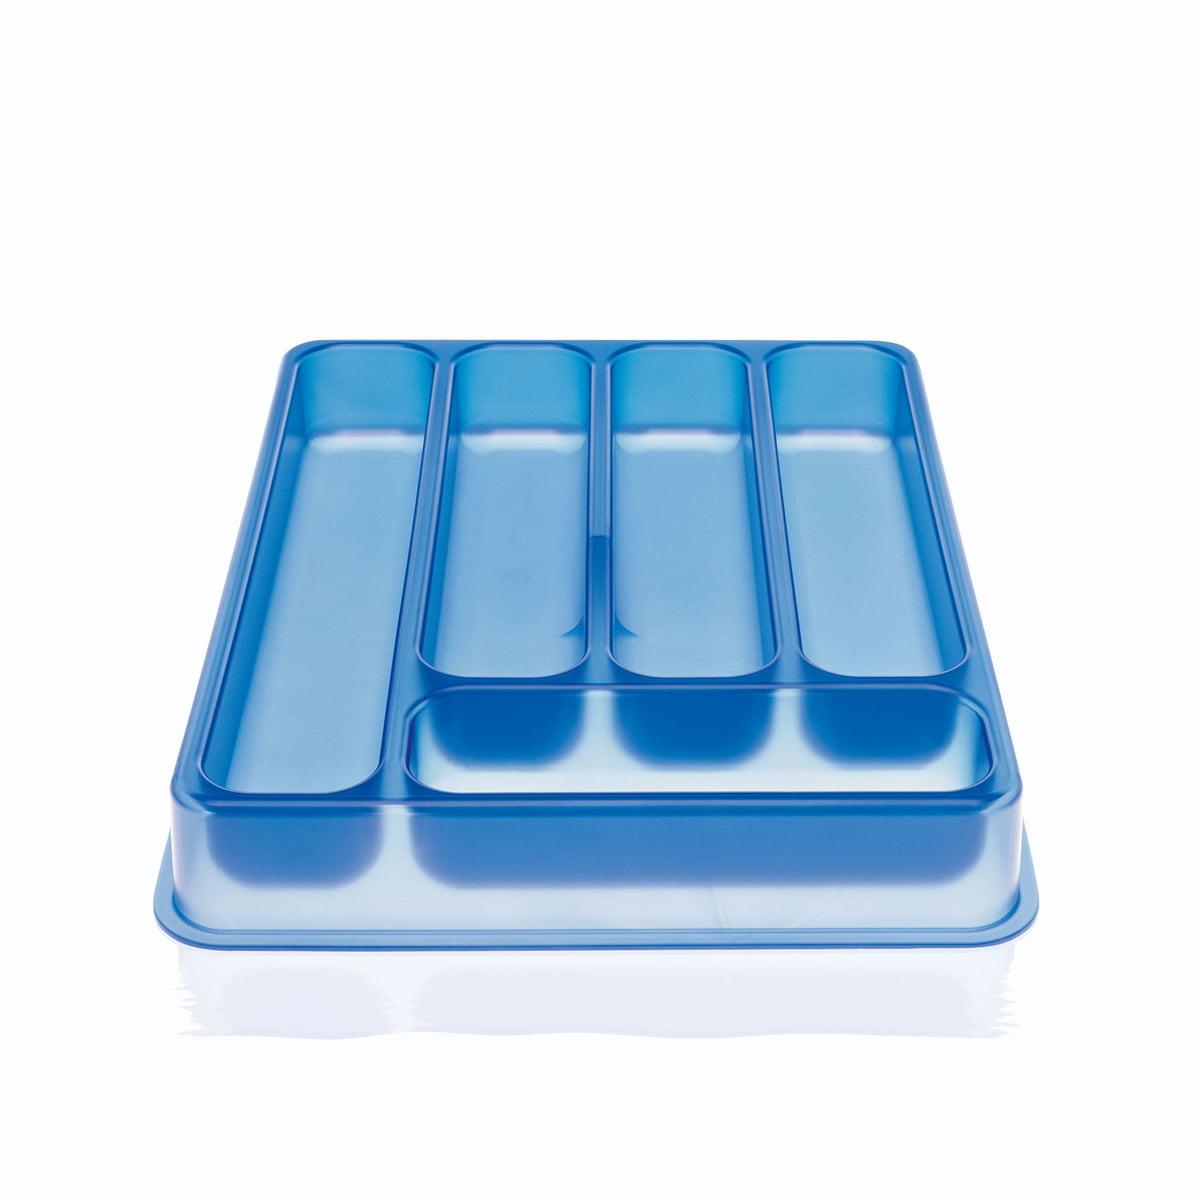 Magis - A, B, C... Besteckkasten, blau | Küche und Esszimmer > Küchen-Zubehör > Halter und Haken | Magis